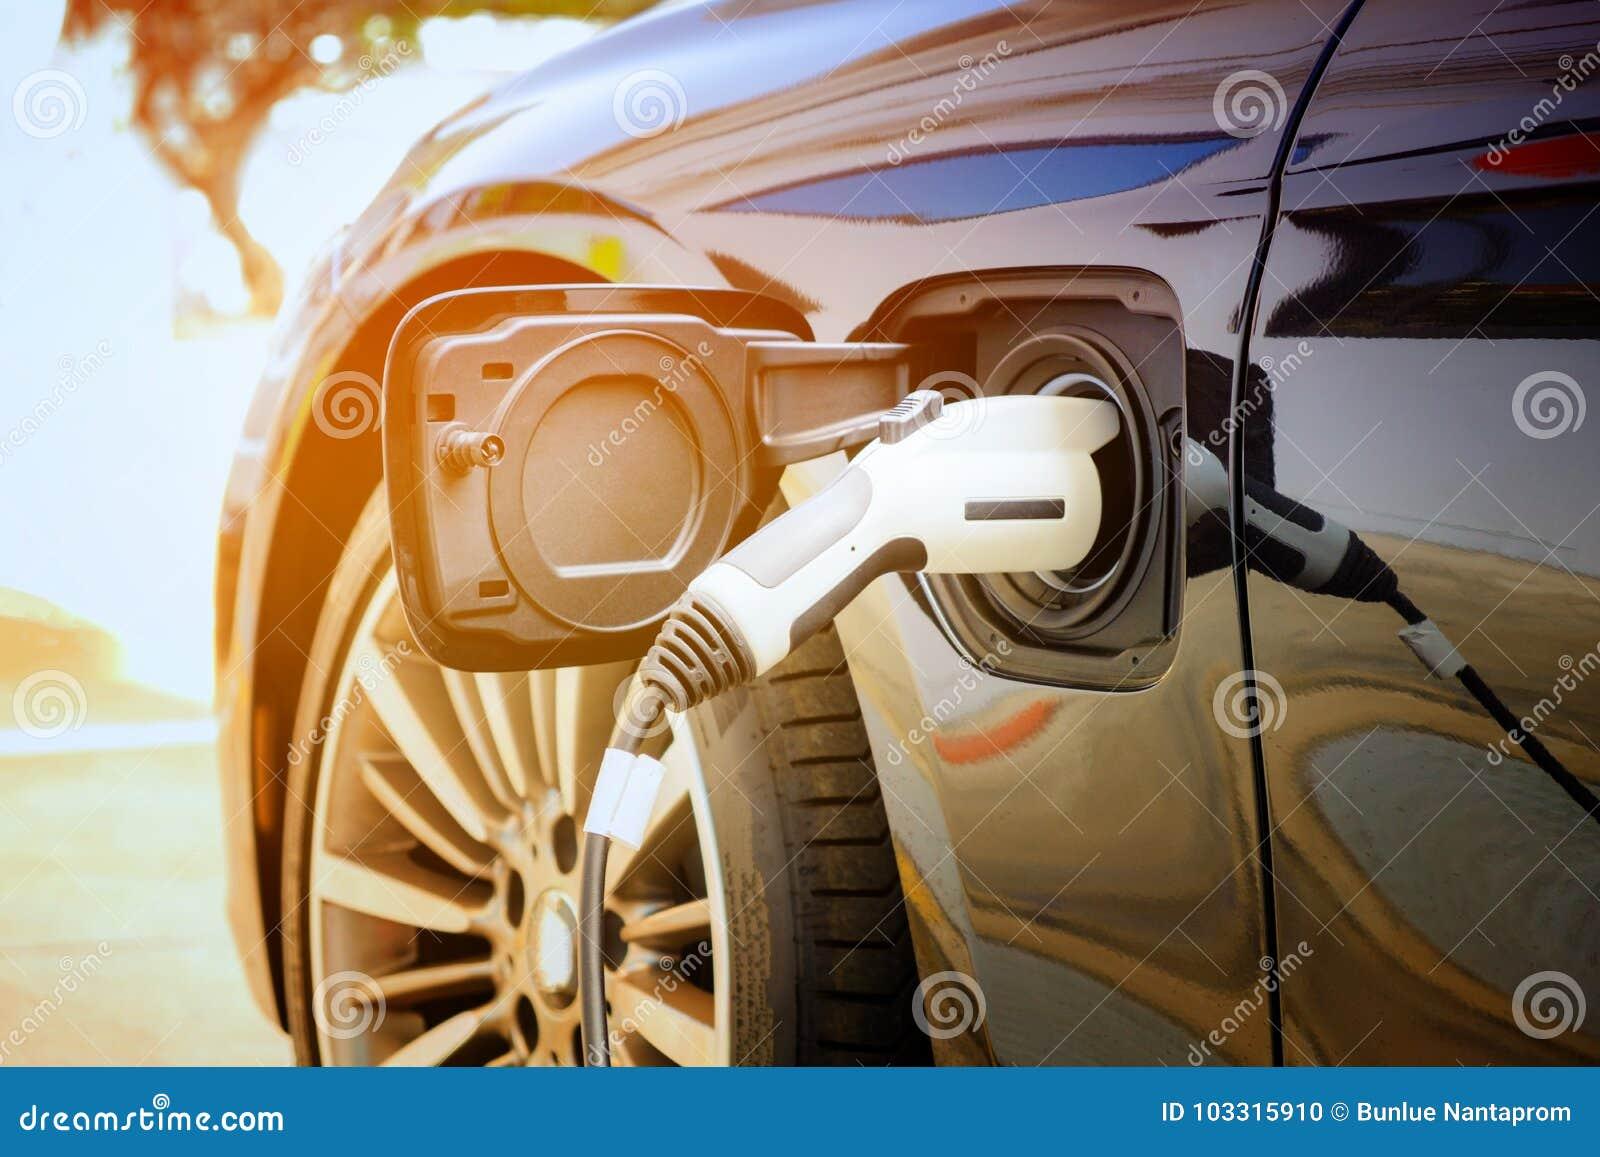 Ładuje nowożytna elektryczna samochodowa bateria na ulicie które są